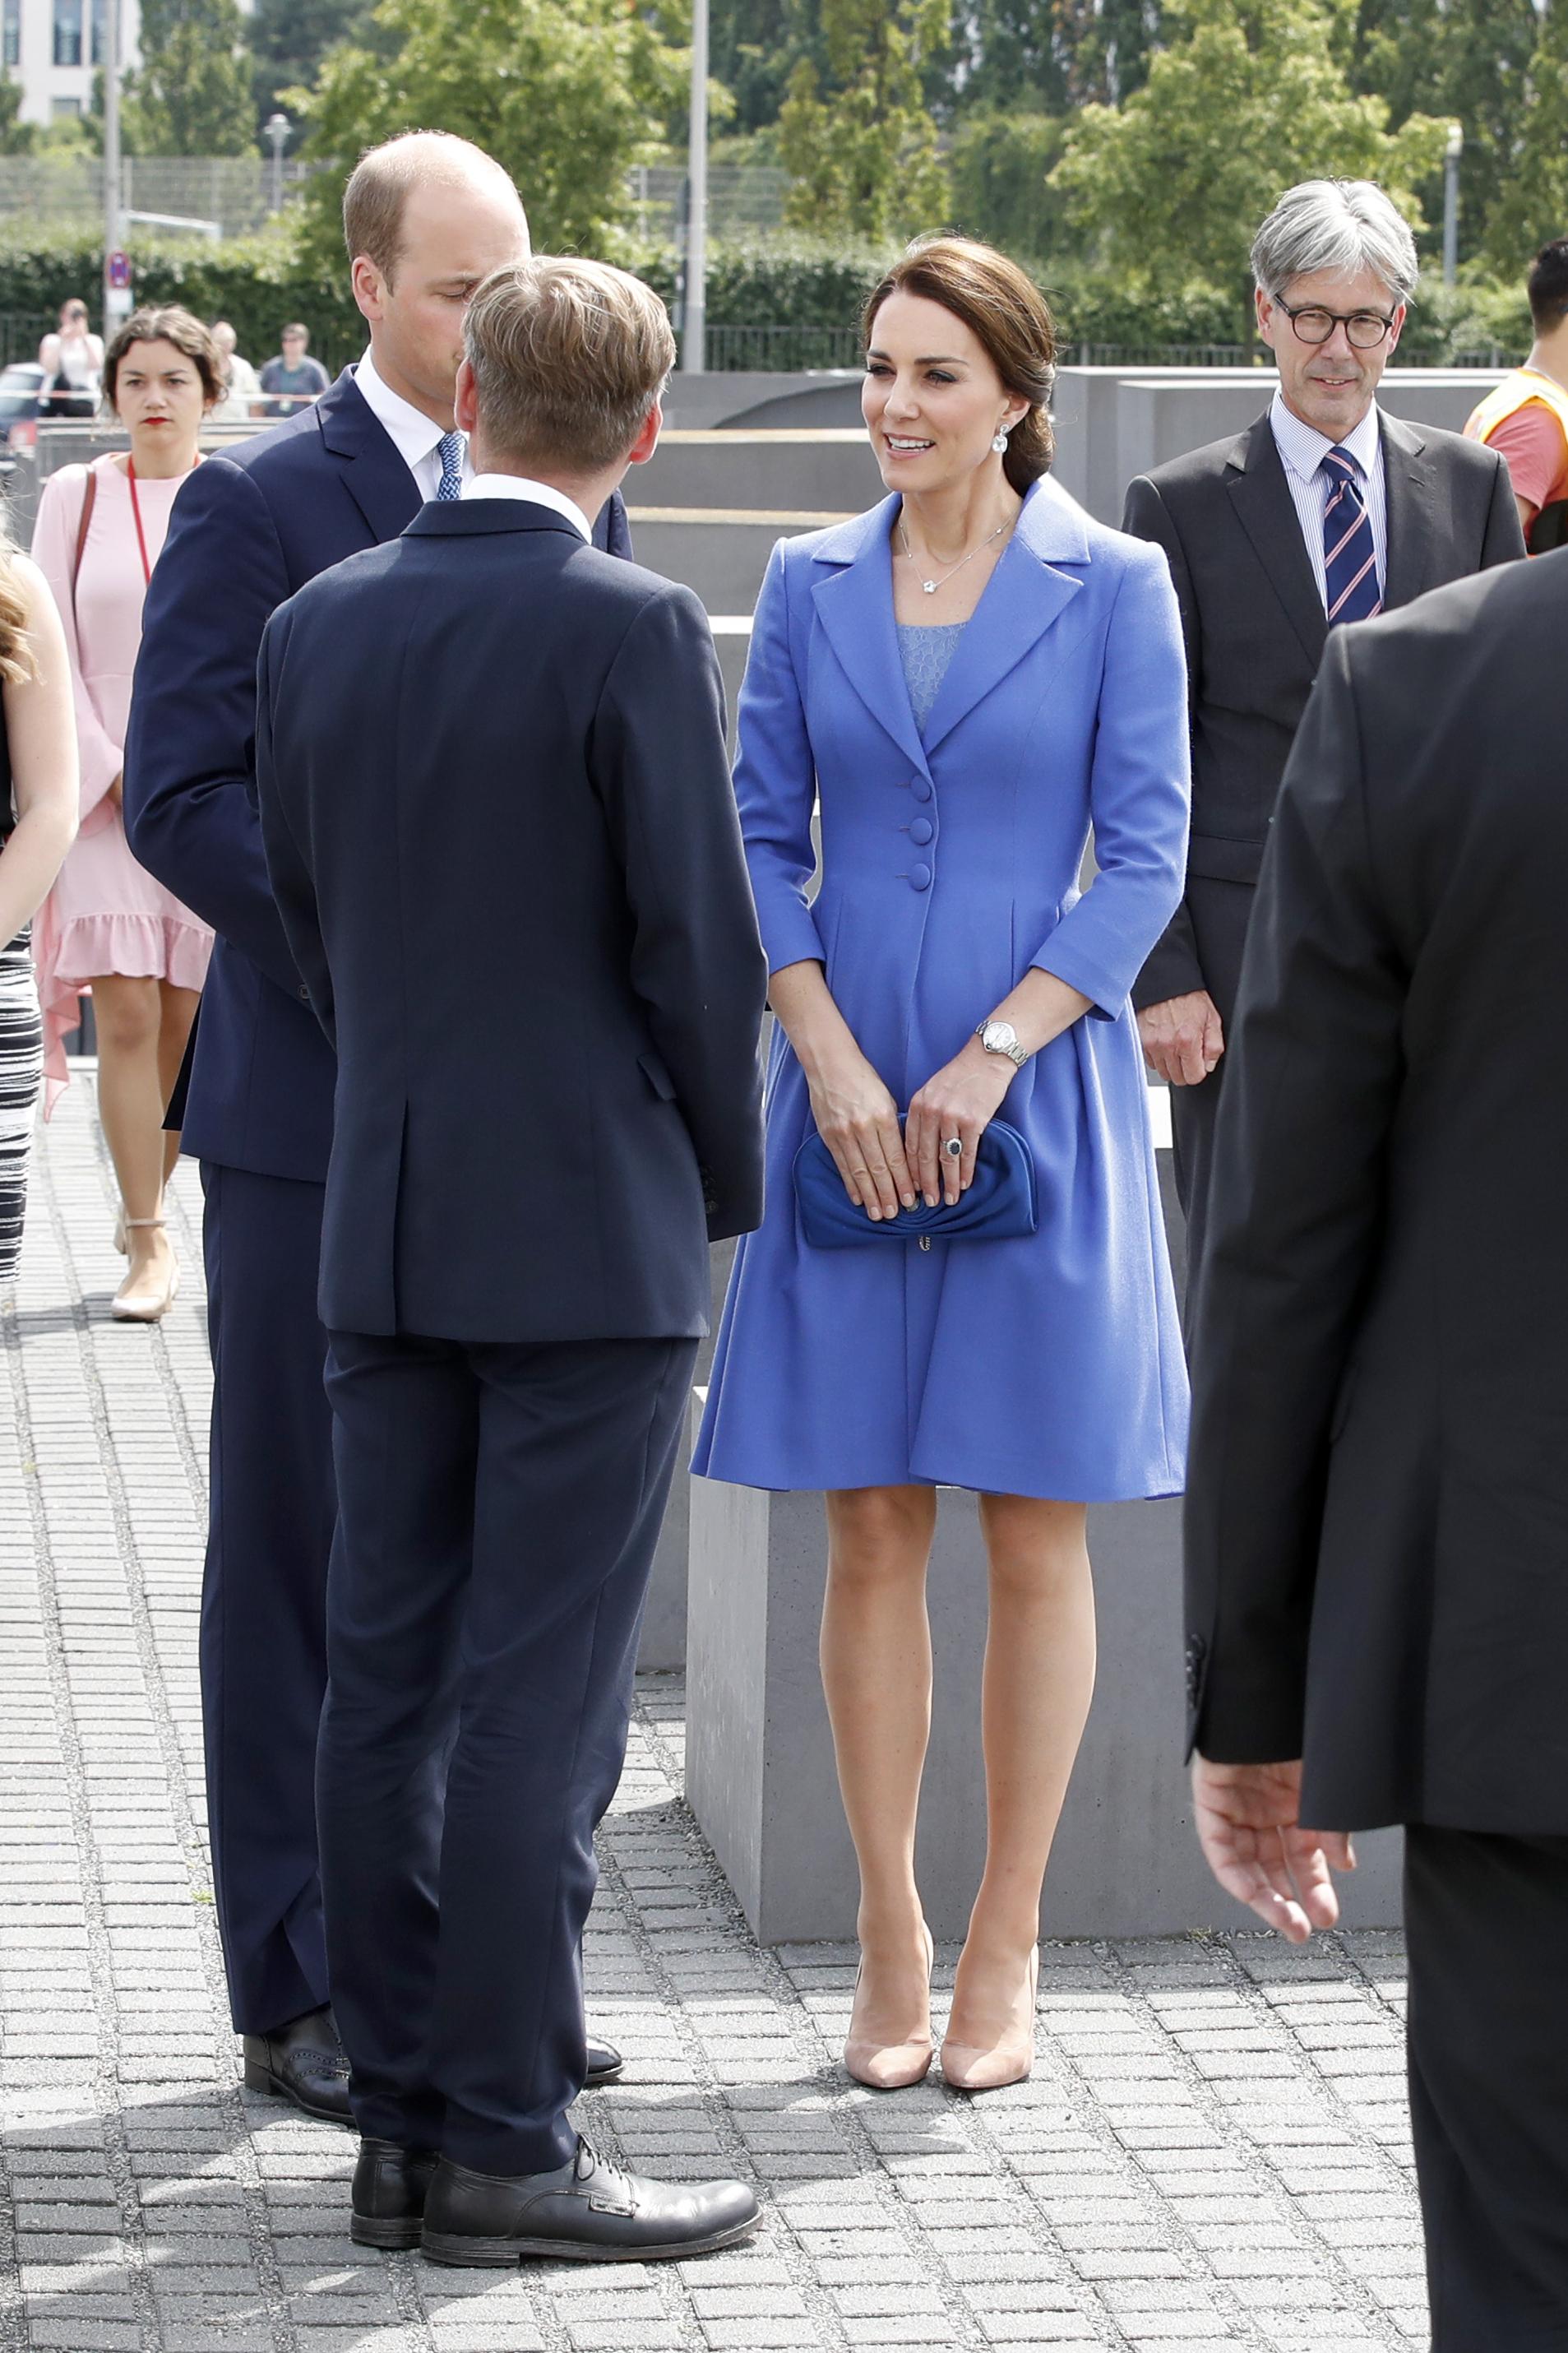 Кейт Мидълтън бе със същото палто, но с добавена шапка в същия цвят, на сватбата на Софи Картър през 2017 г.